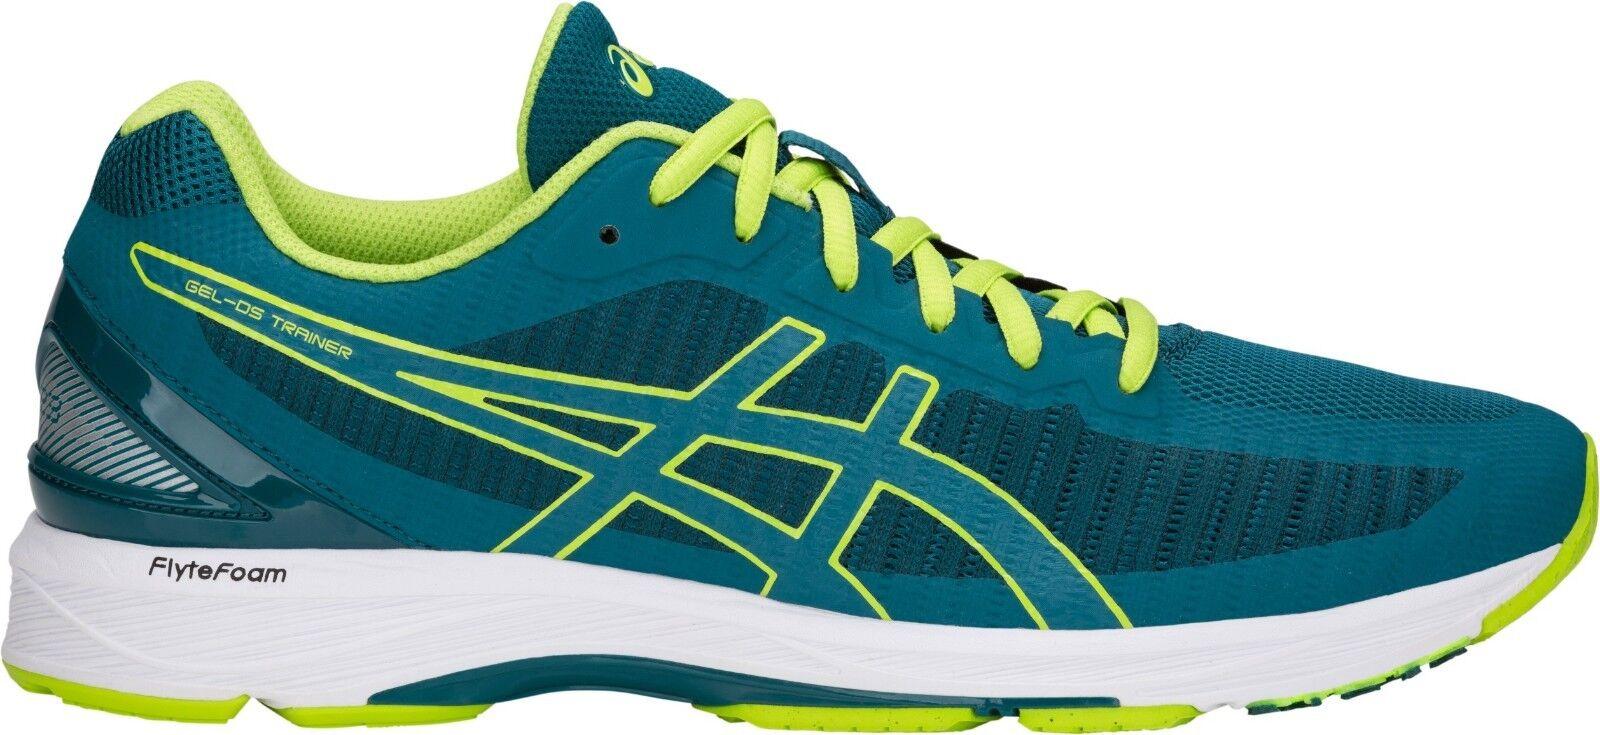 versión más reciente Asics Gel DS entrenador 23 Para Hombre Zapatillas Para Correr (D) (400)